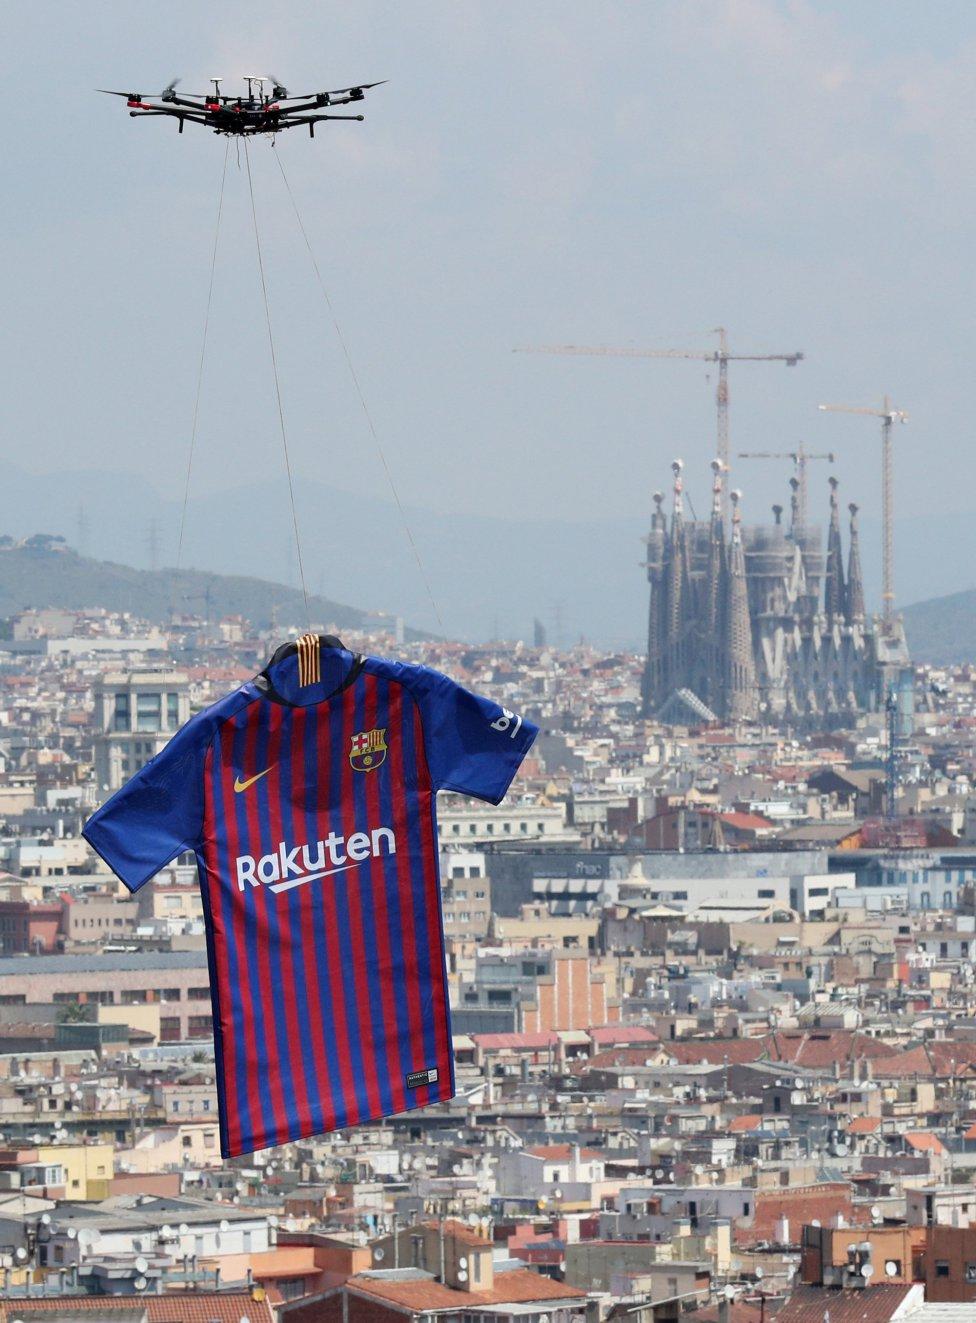 حفل تقديم القميص الجديد لنادي برشلونة لموسم 2018-2019 1526726915_488256_1526726978_album_grande